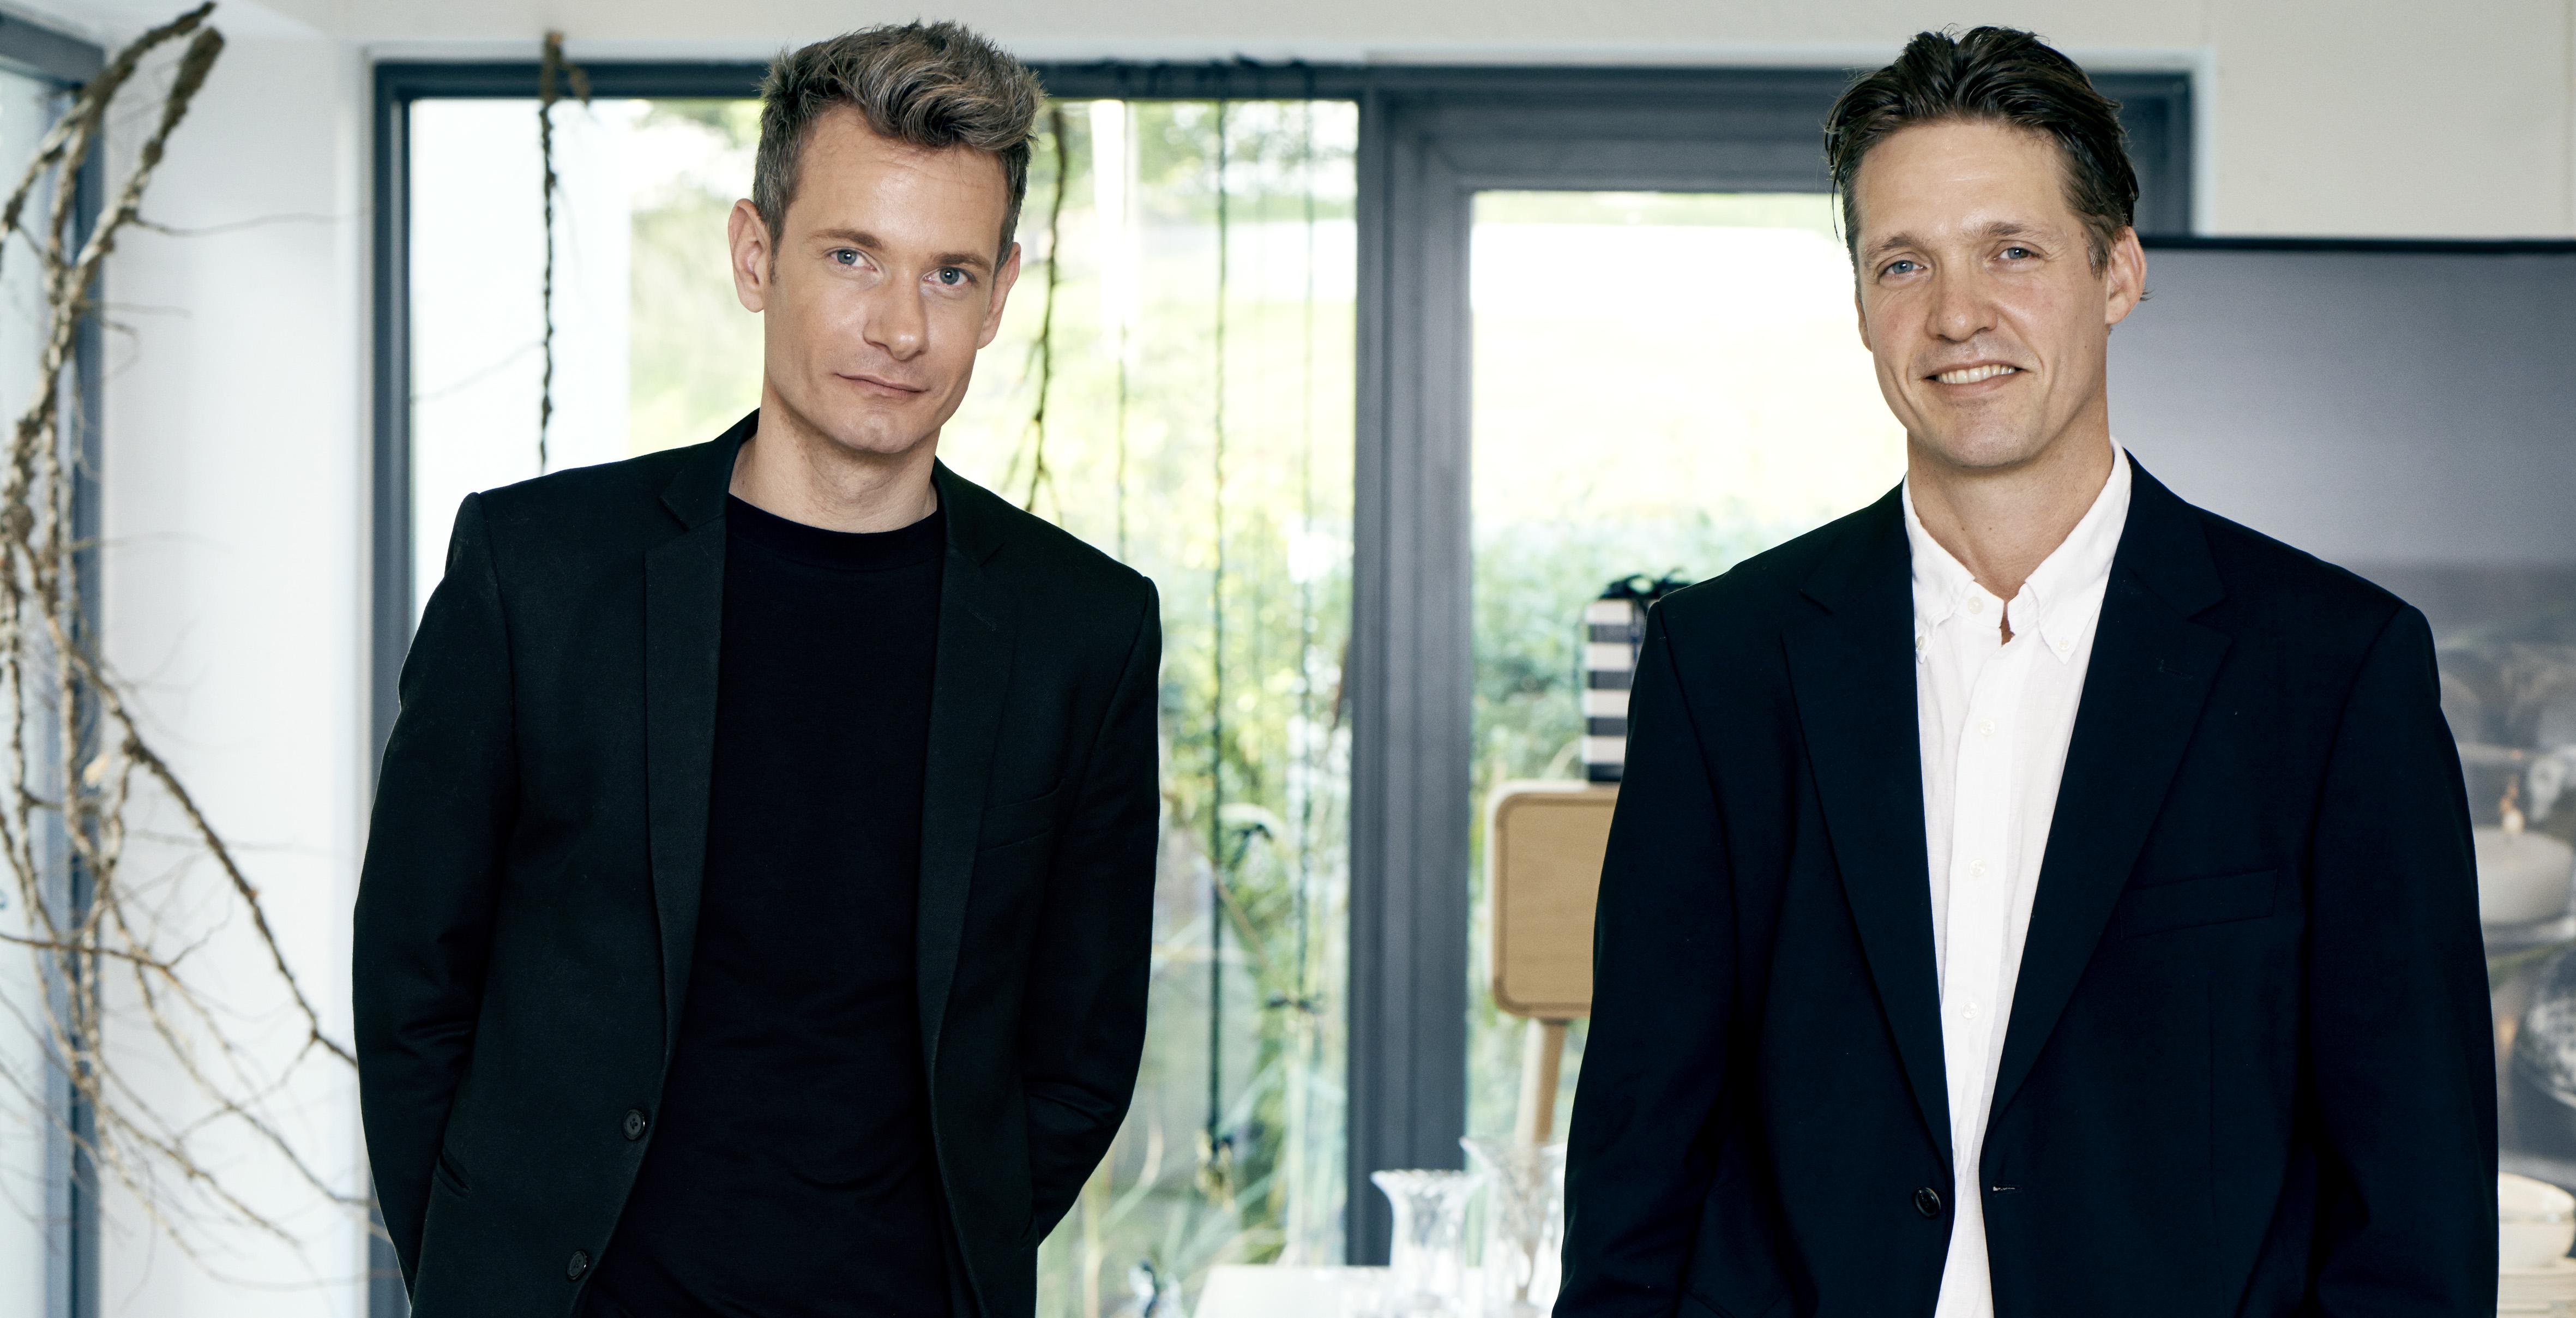 Modedesigner bliver kreativ frontfigur for Rosendahl brandet